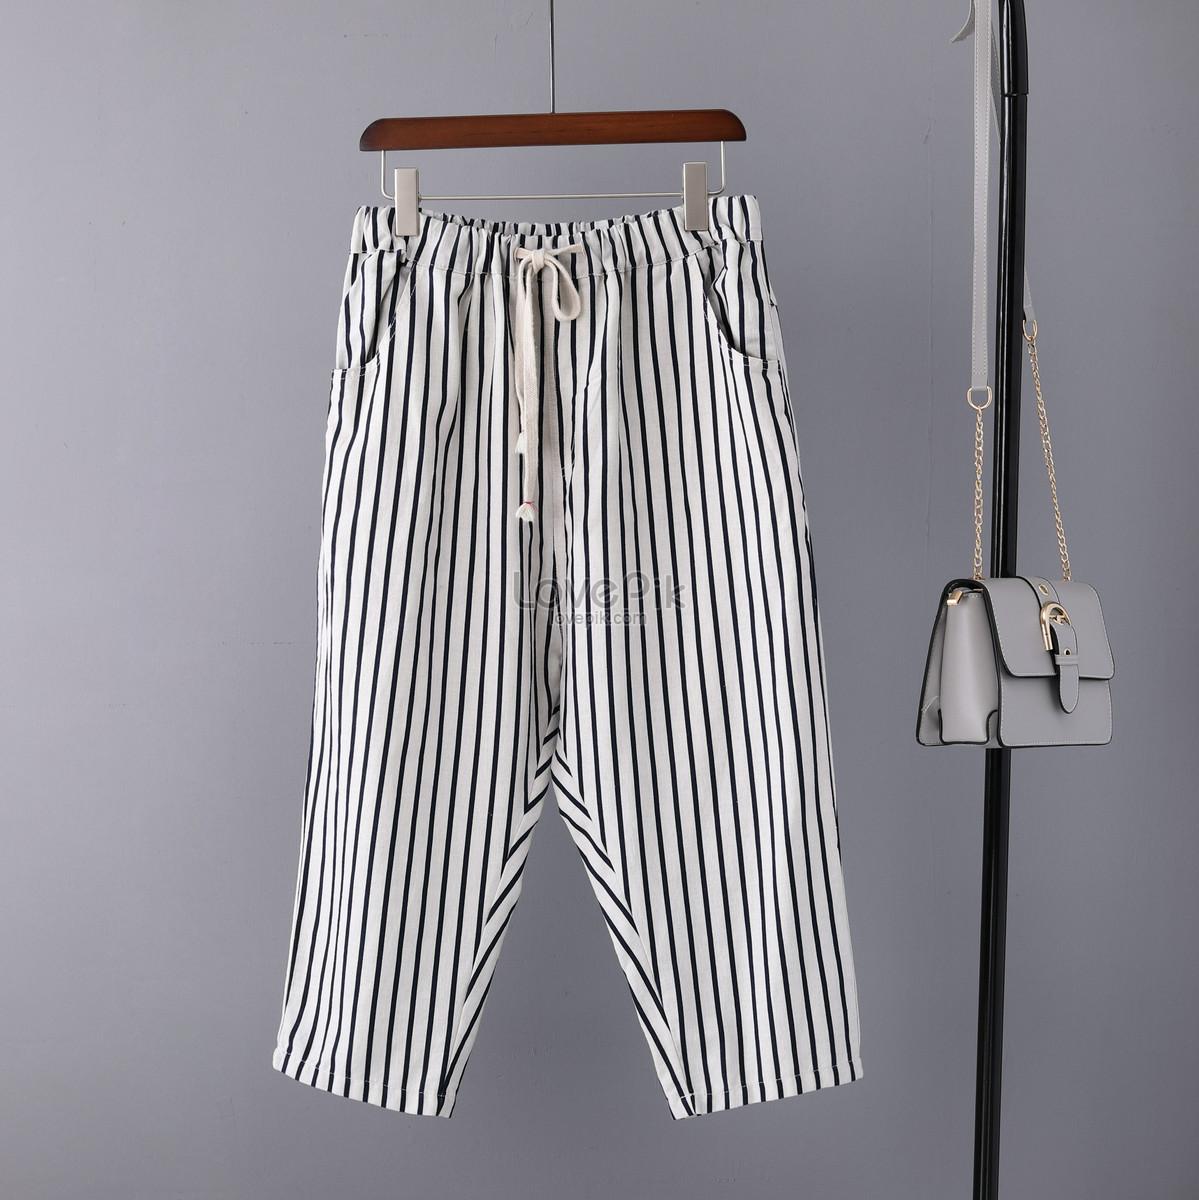 0c50ab9316ee4 pantalones anchos de algodón y lino para mujer pantalones cortos ...